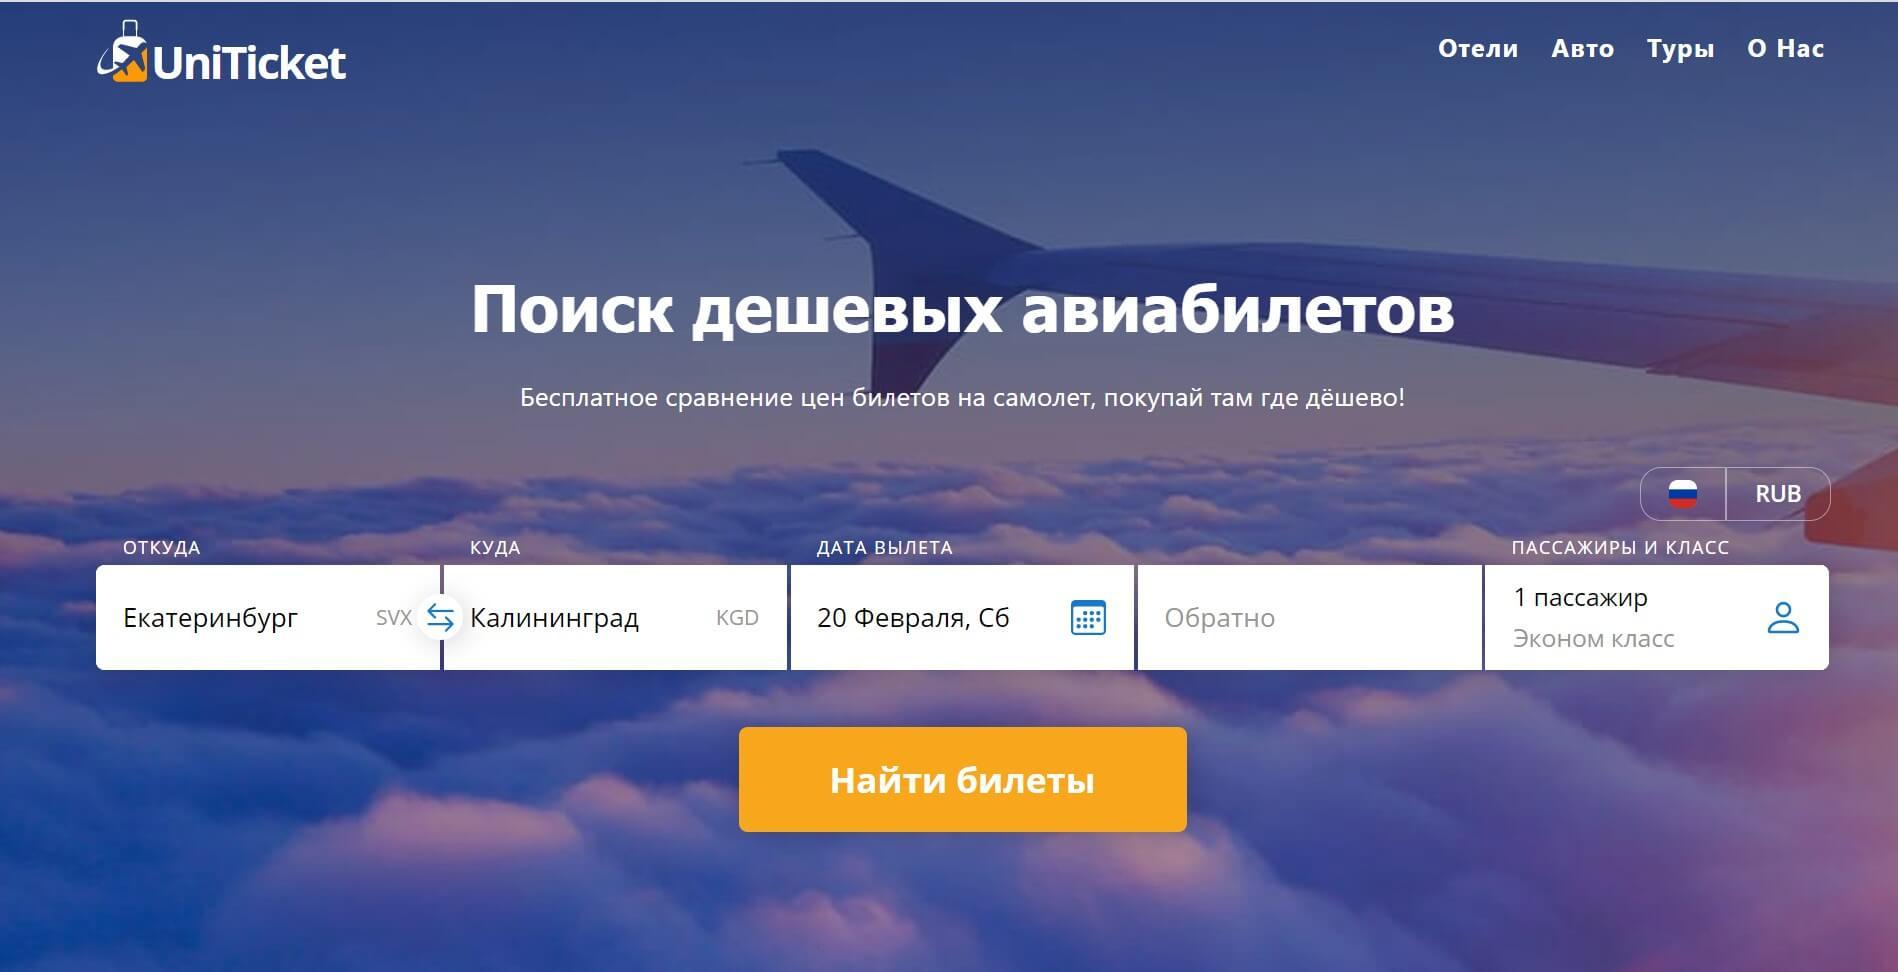 Дешевые билеты в Калининград на Uniticket